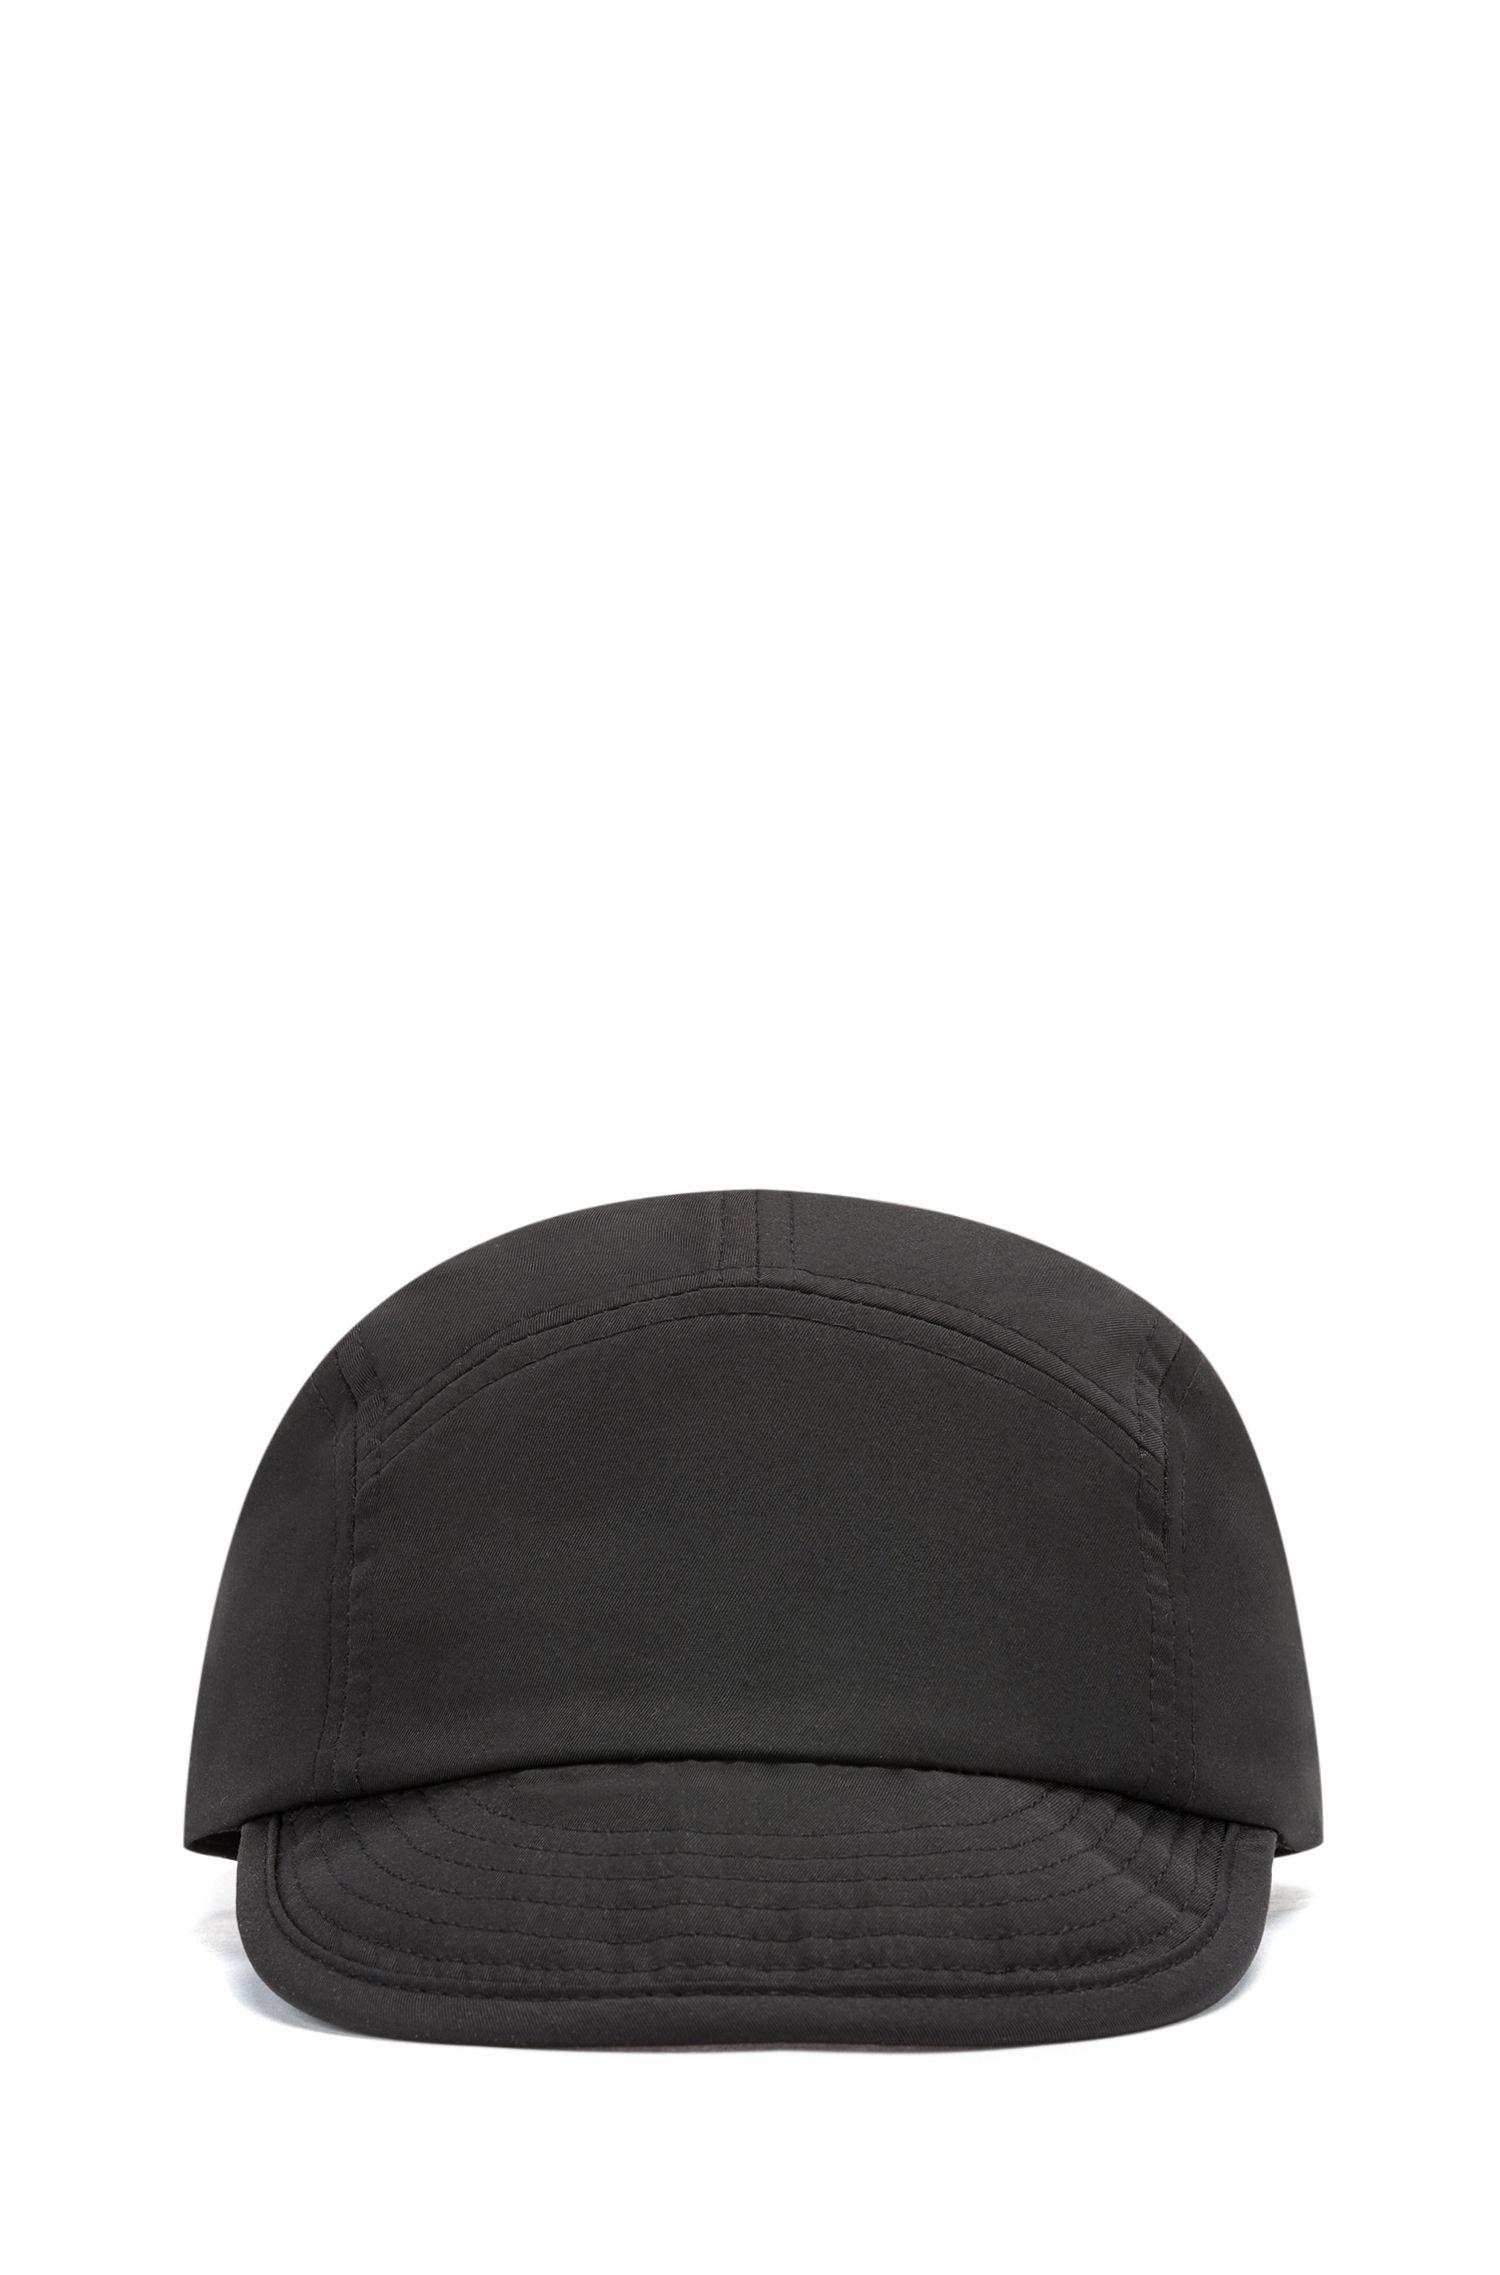 Cappellino regolabile in twill di tessuto tecnico con logo sotto la visiera, Nero